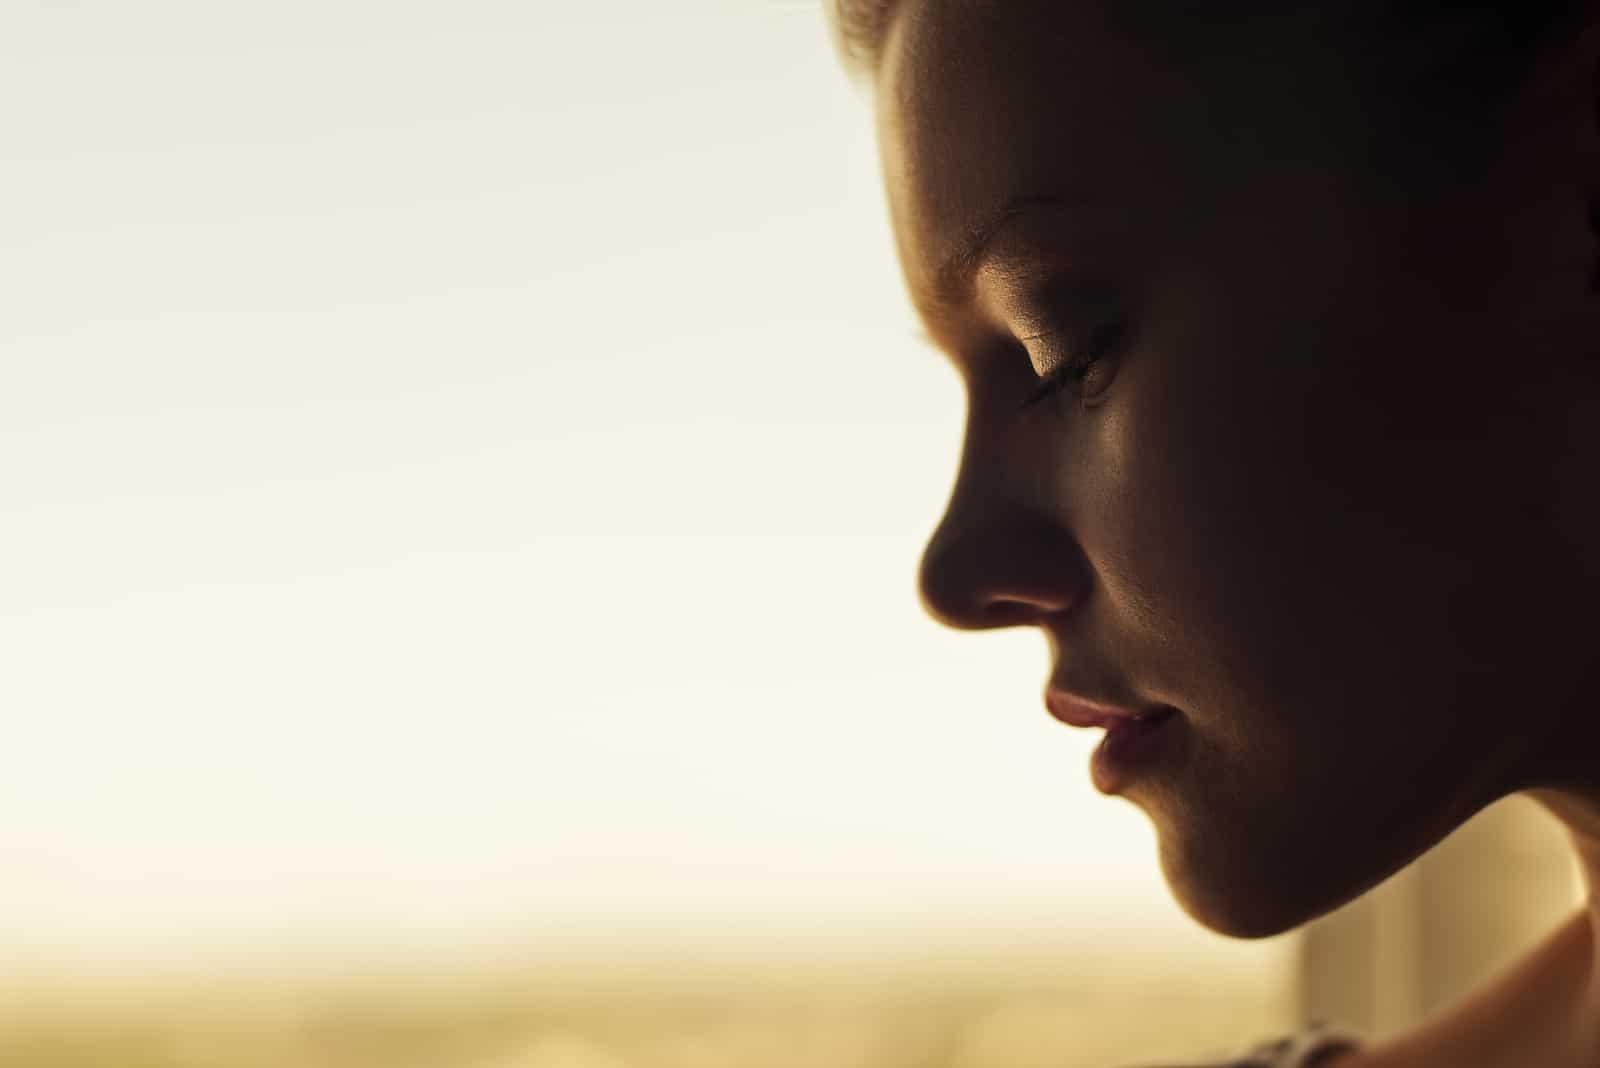 porträtt av en vacker ung kvinna som tittar ner